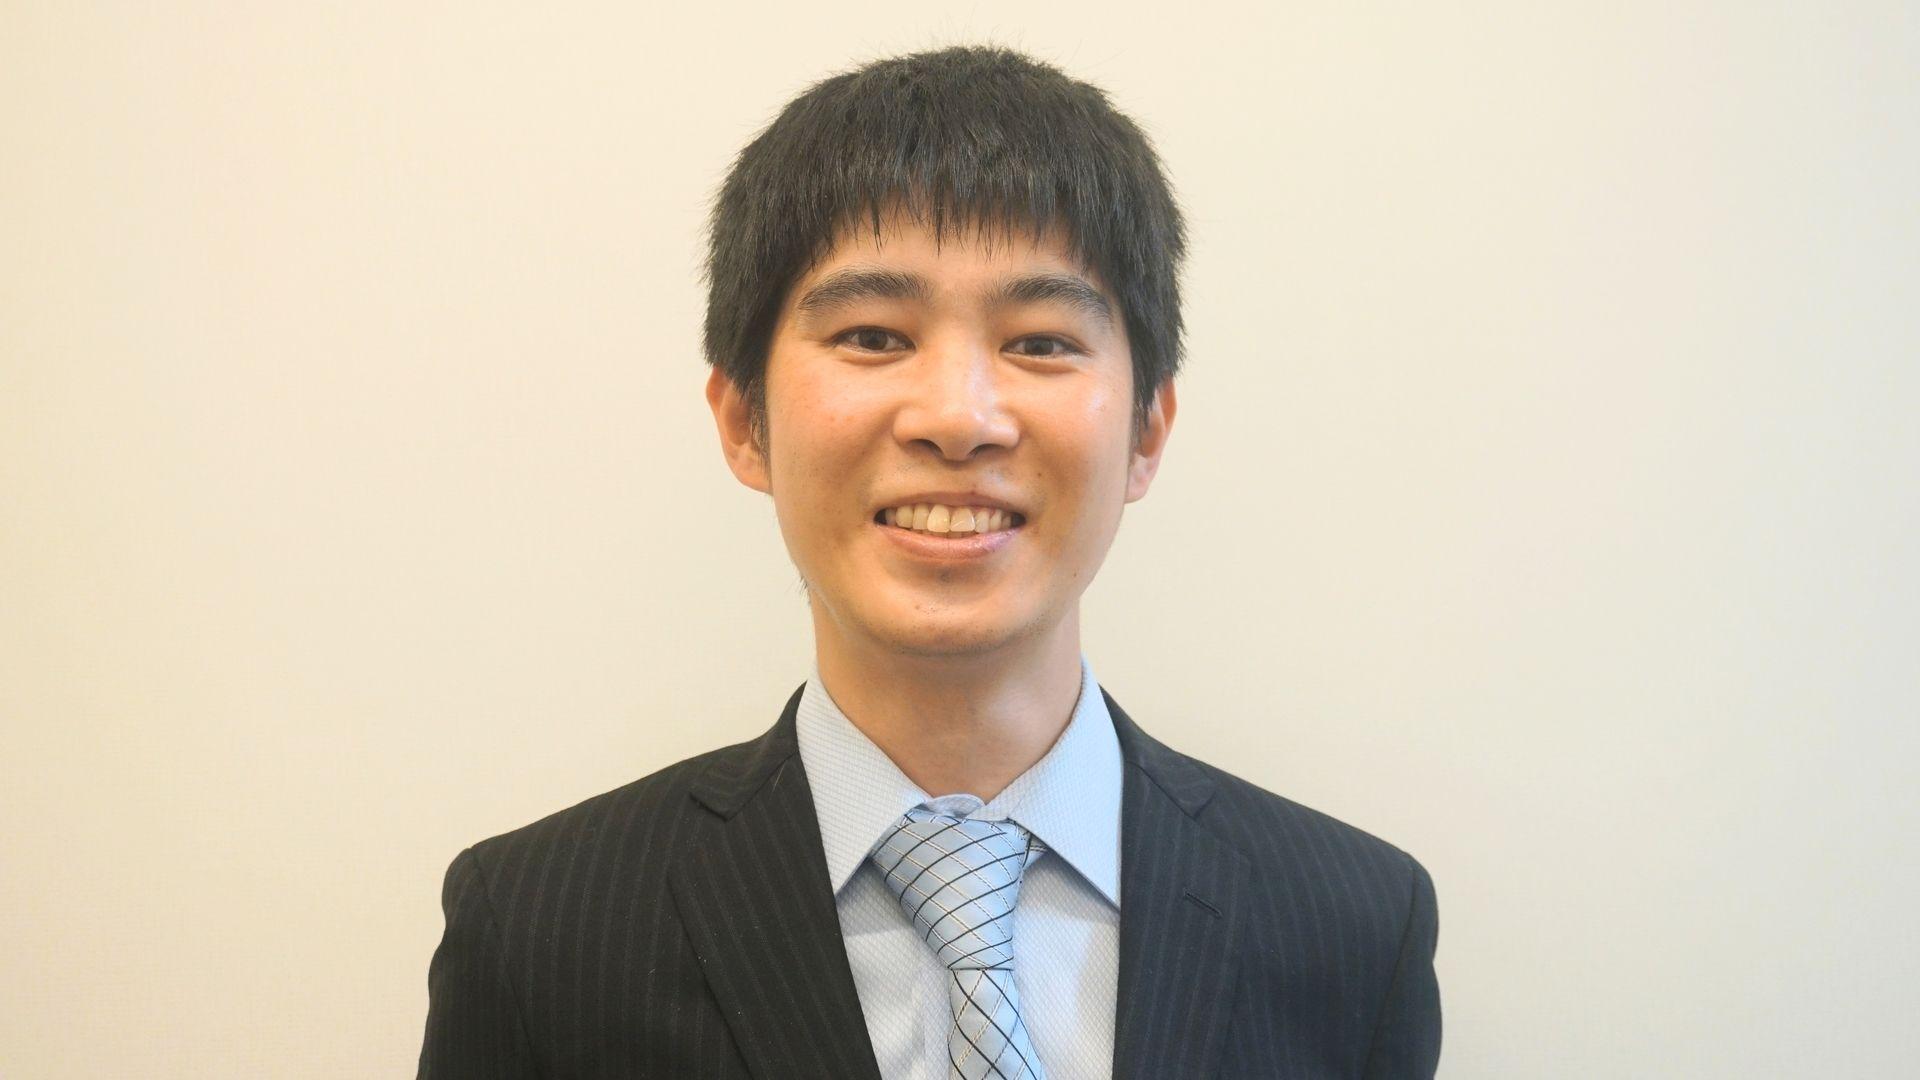 「親身になって転職を支援してくれる会社です!」先輩社員/飯野竜平 様